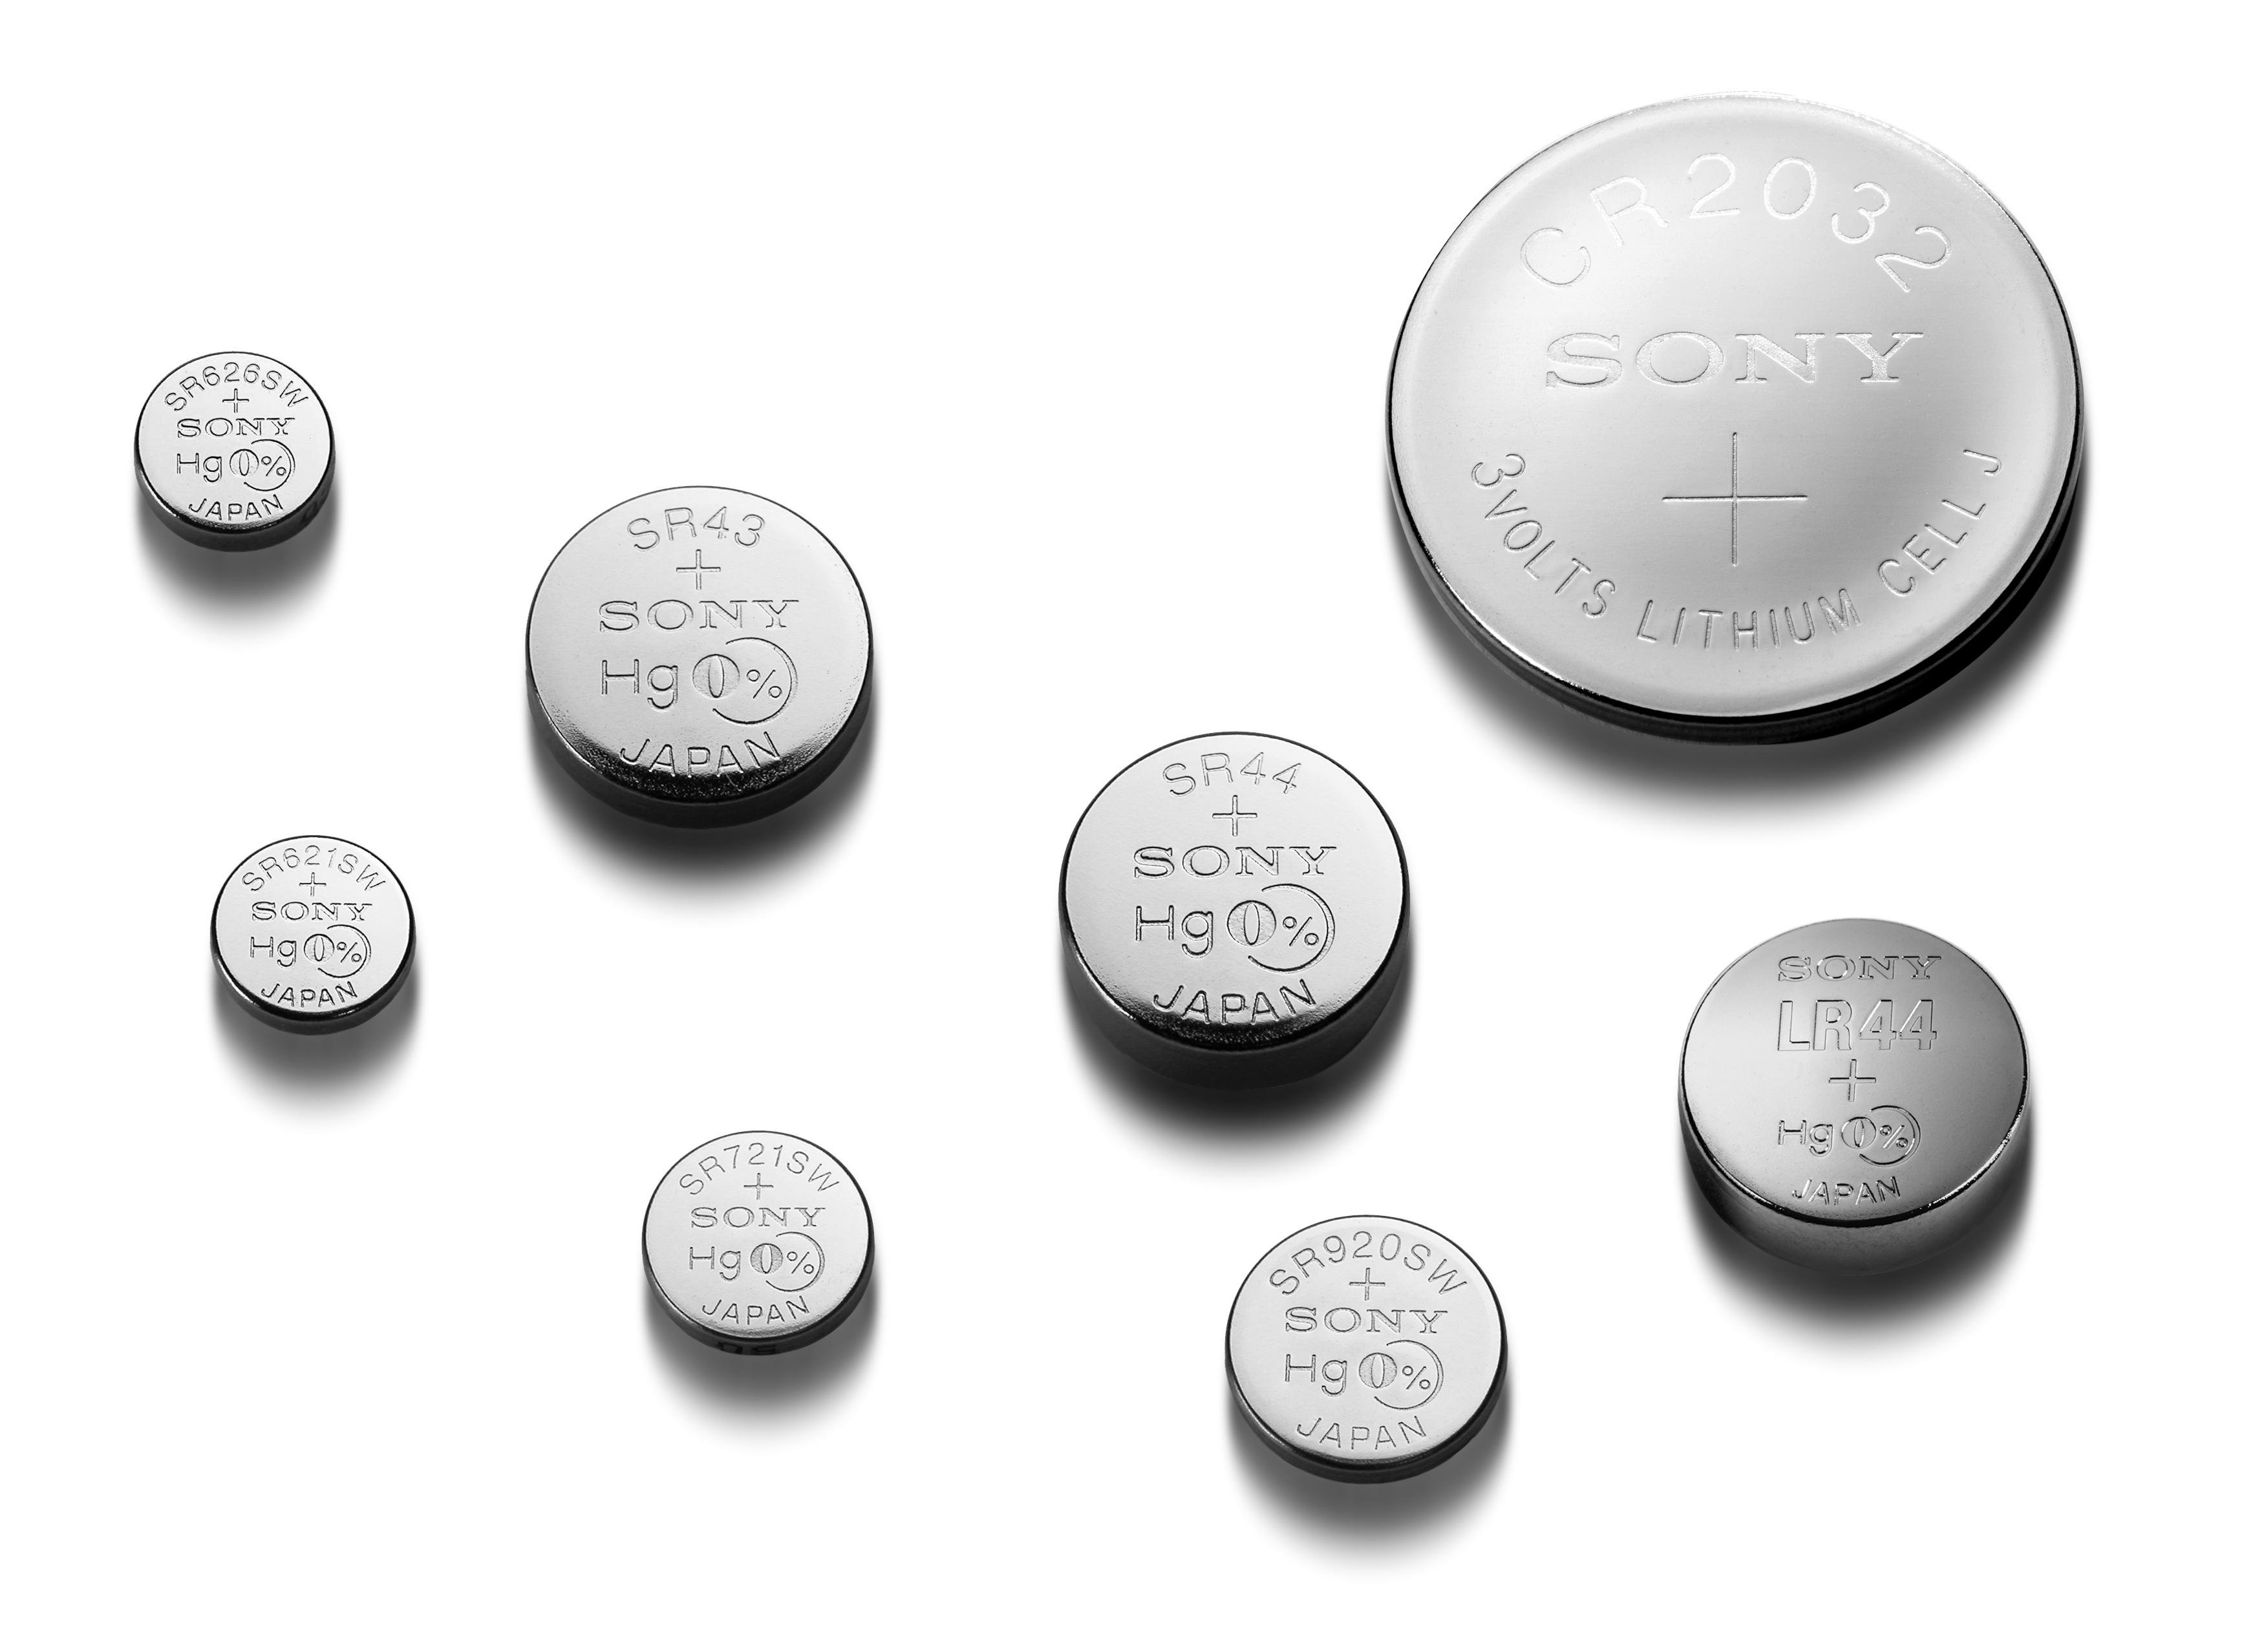 Sonyjeve mikro baterije ne vsebujejo škodljivega živega srebra.